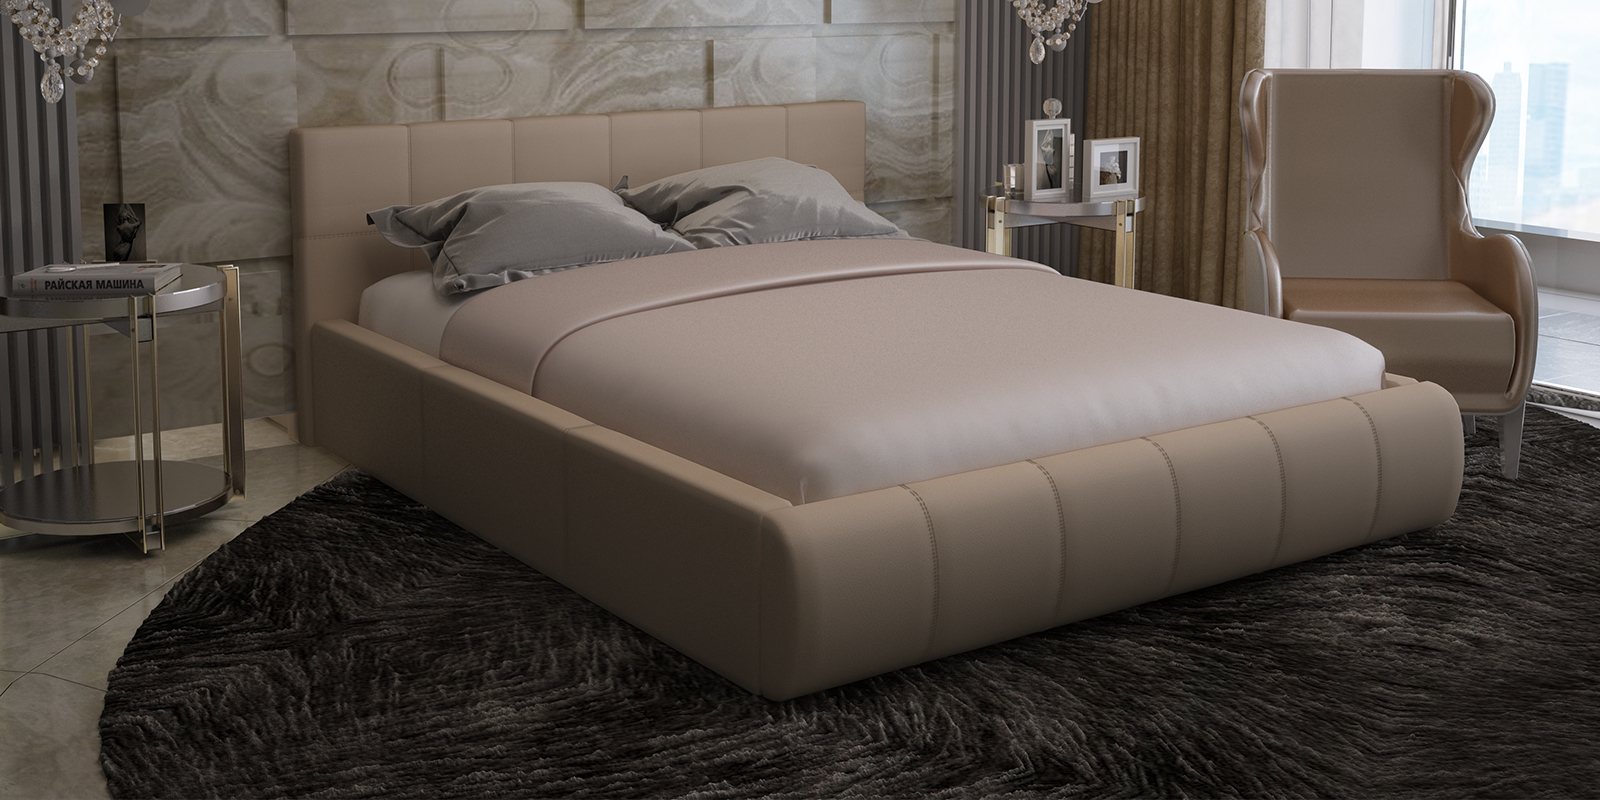 Кровать мягкая 200х140 Афина с подъемным механизмом (Velure бежевый)